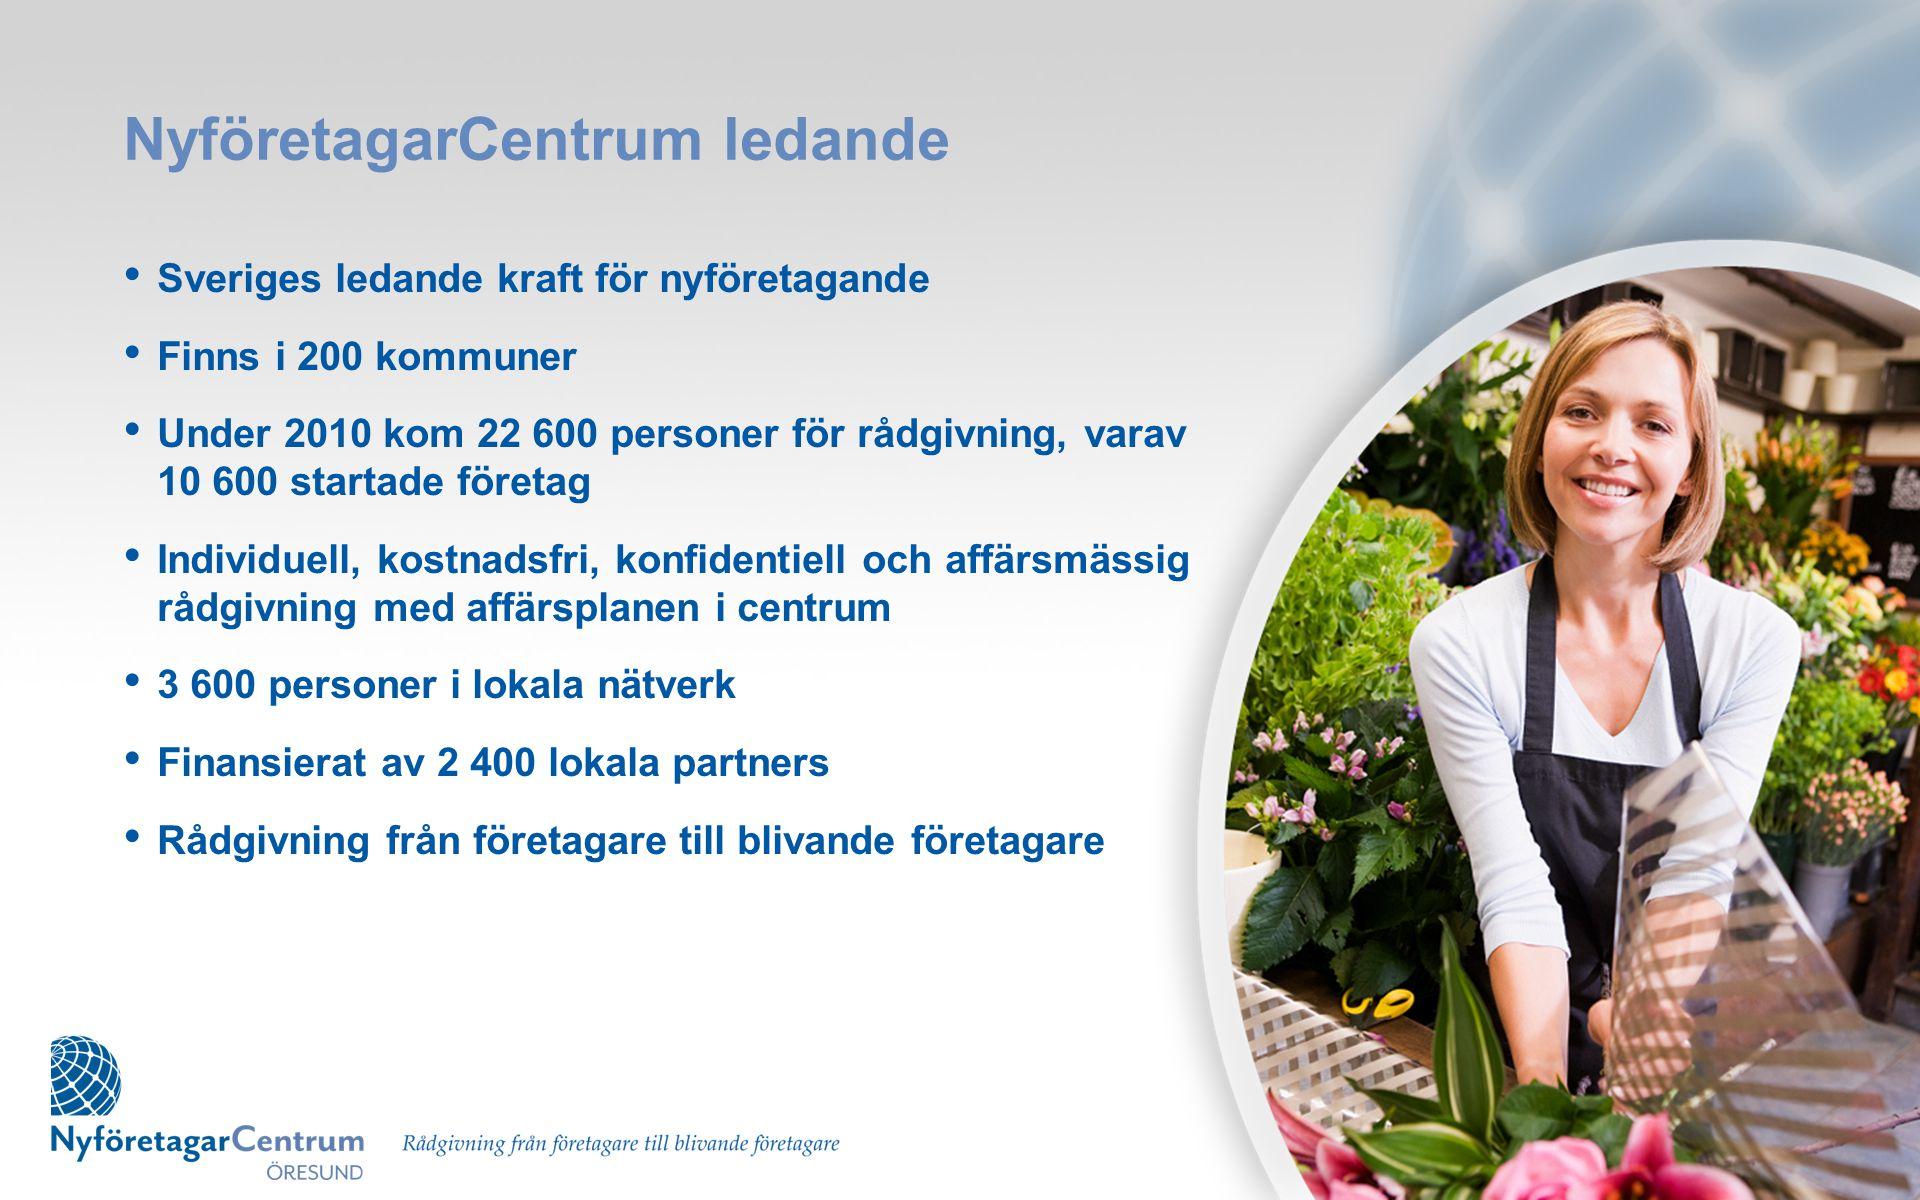 NyföretagarCentrum Sverige • Startar och stödjer lokala NyföretagarCentrum • Mässan Eget Företag och Nyföretagarveckan • Mentorprogram tillsammans med Almi • Årets Nyföretagare, Årets Nyföretagarkommun och Årets mentor • Seminarier under Almedalsveckan • Magasinet Allt om Eget Företag 4 ggr/år • Startbanan för varslade som vill starta eget • Nyföretagarbarometern • Finansieras av cirka 30 centrala samarbetspartners